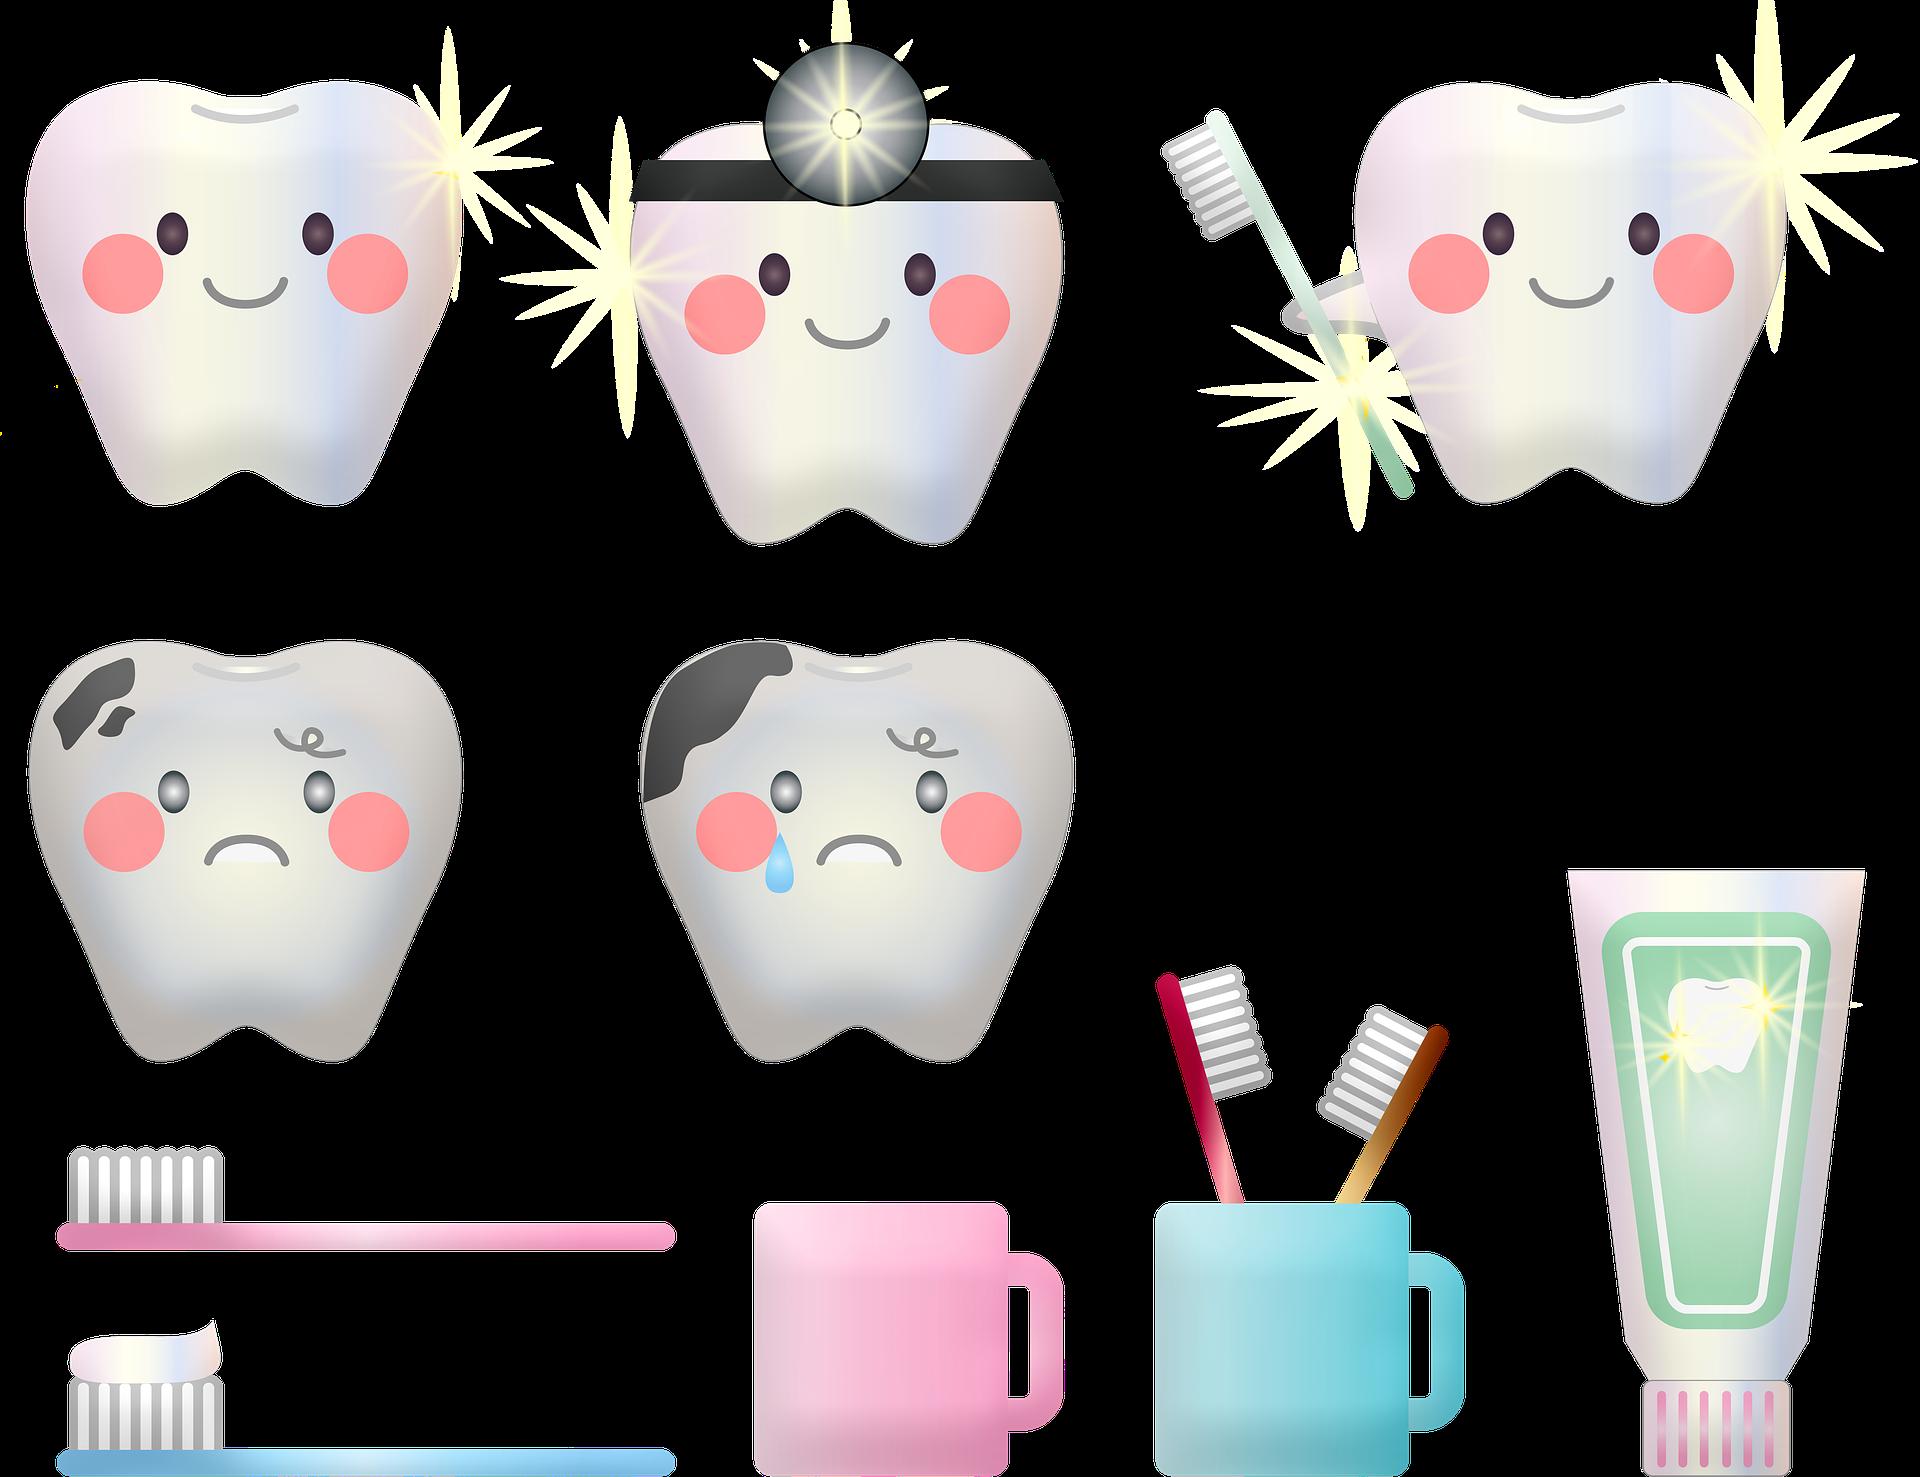 gesunde und kranke Zähne - Grafik